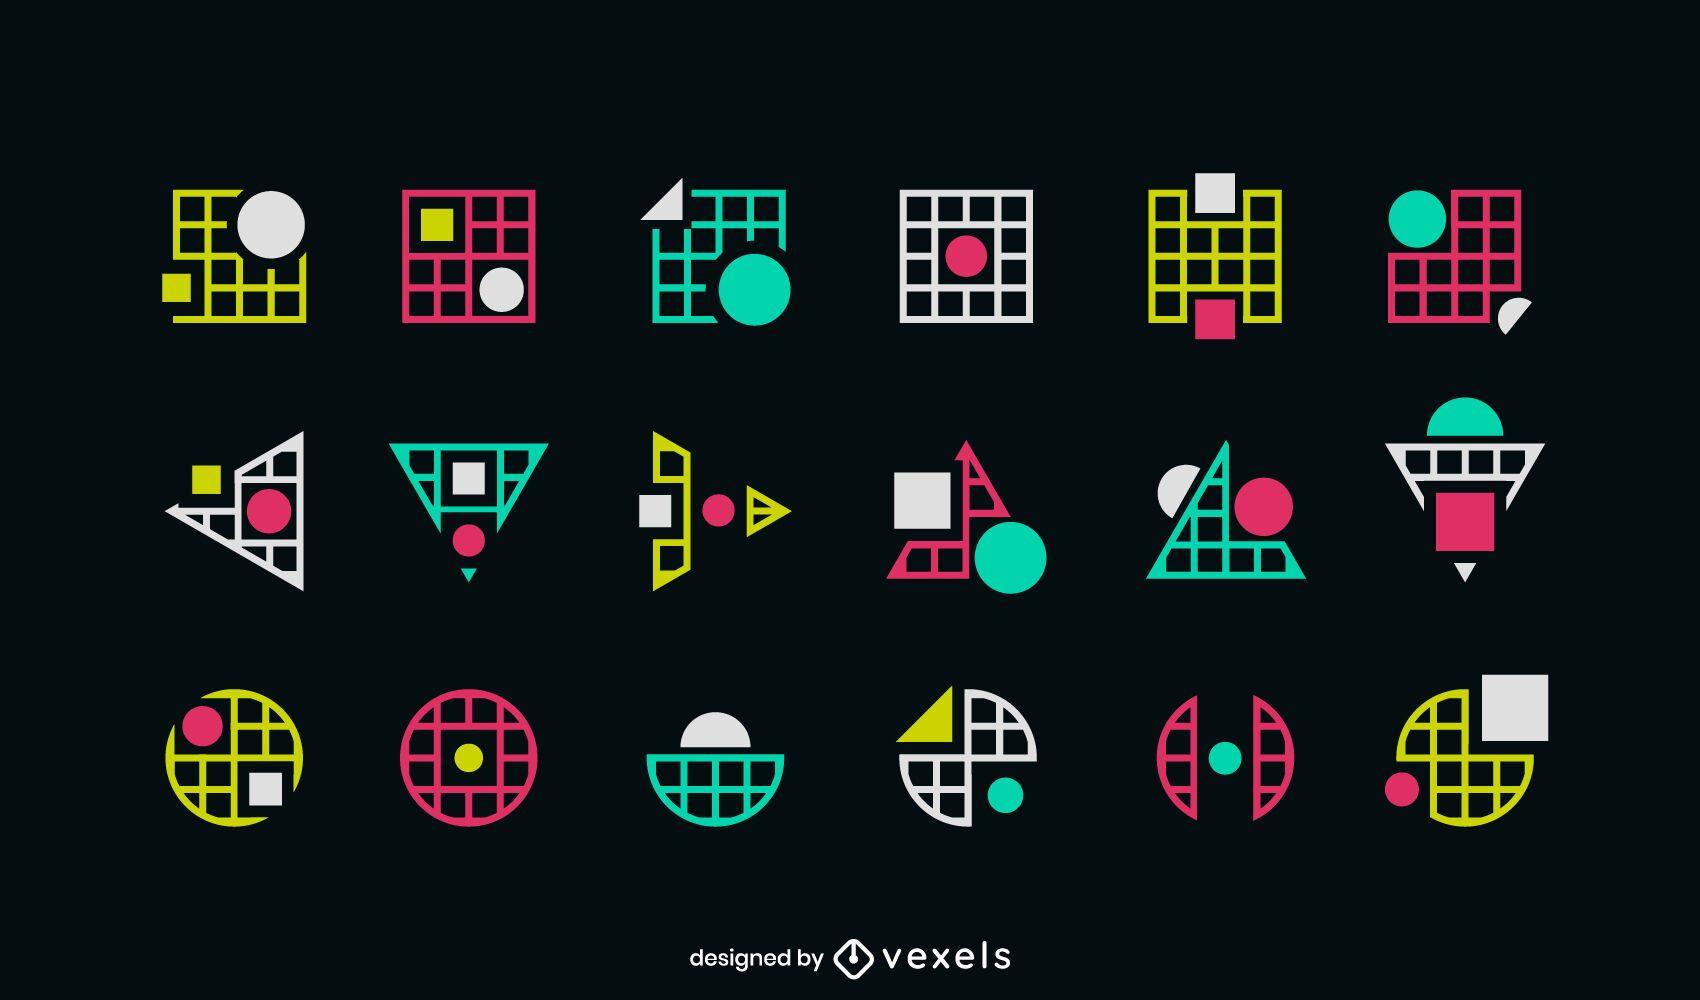 Logo-Set f?r geometrische Formen